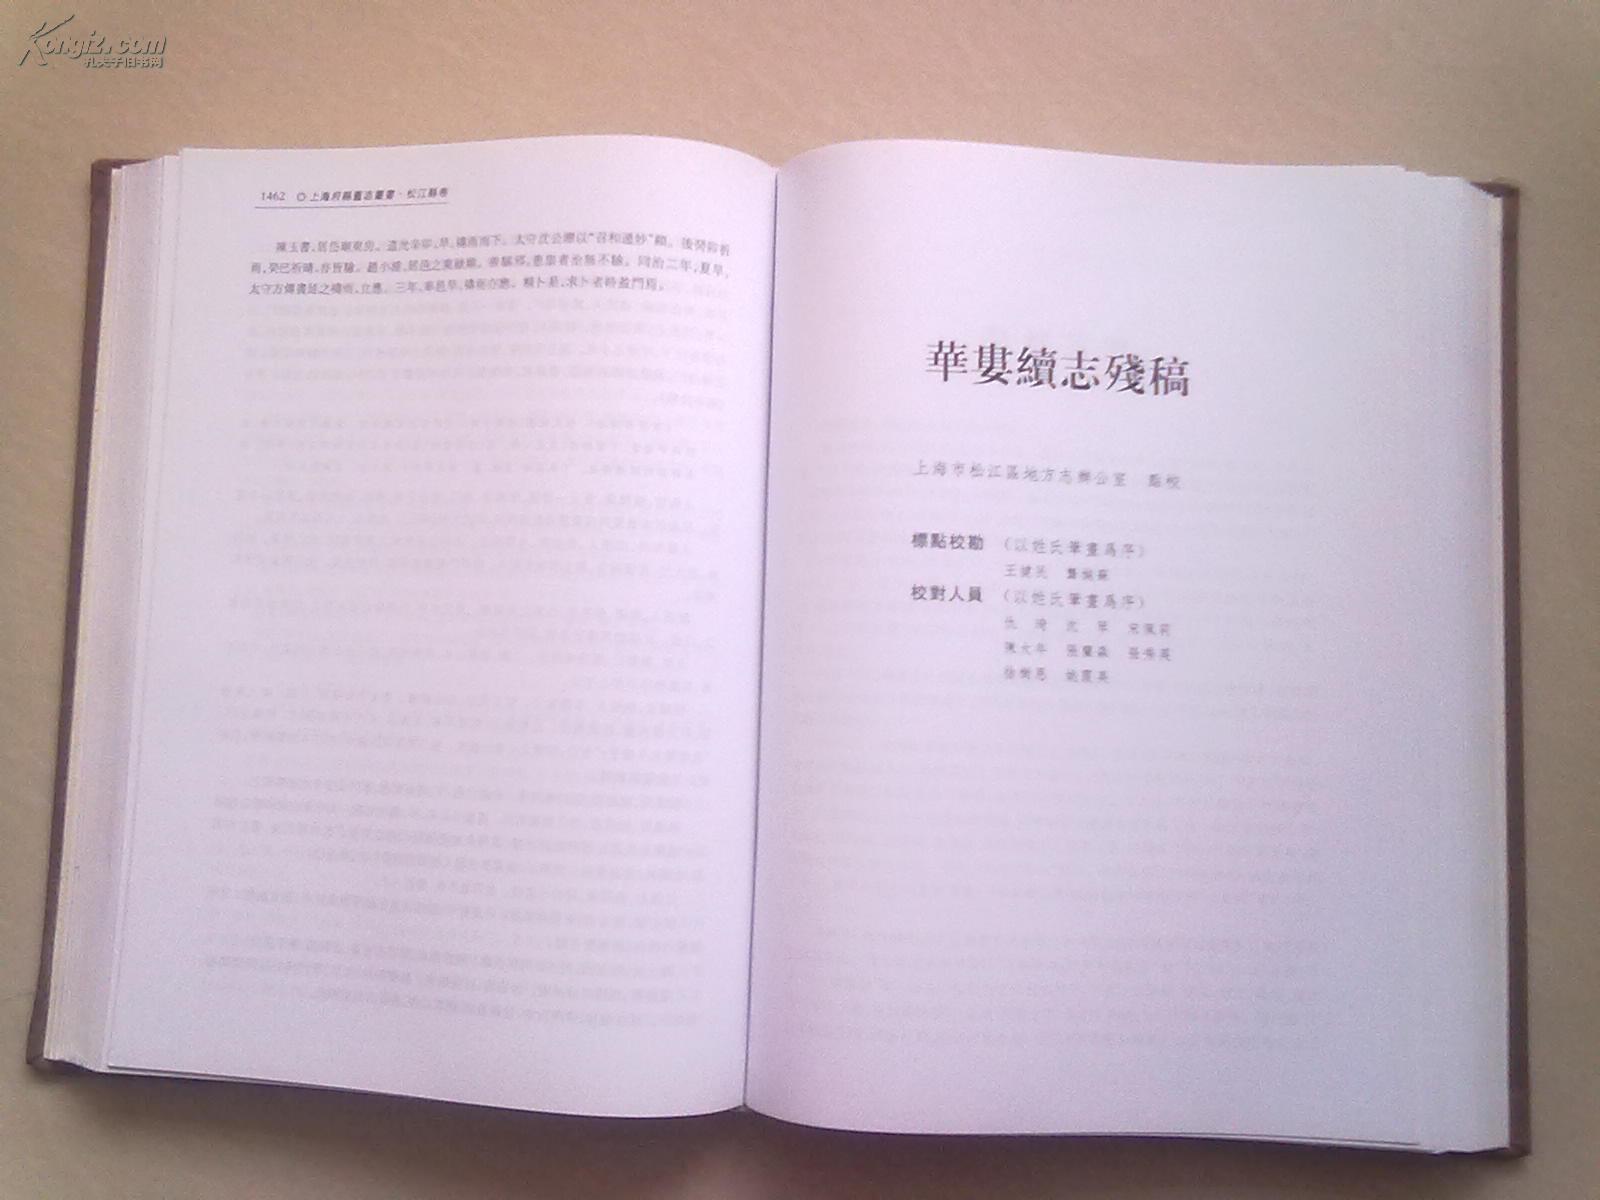 上海府县旧志丛书《松江县卷》【下册】《娄县续志》《华娄续志残稿》图片